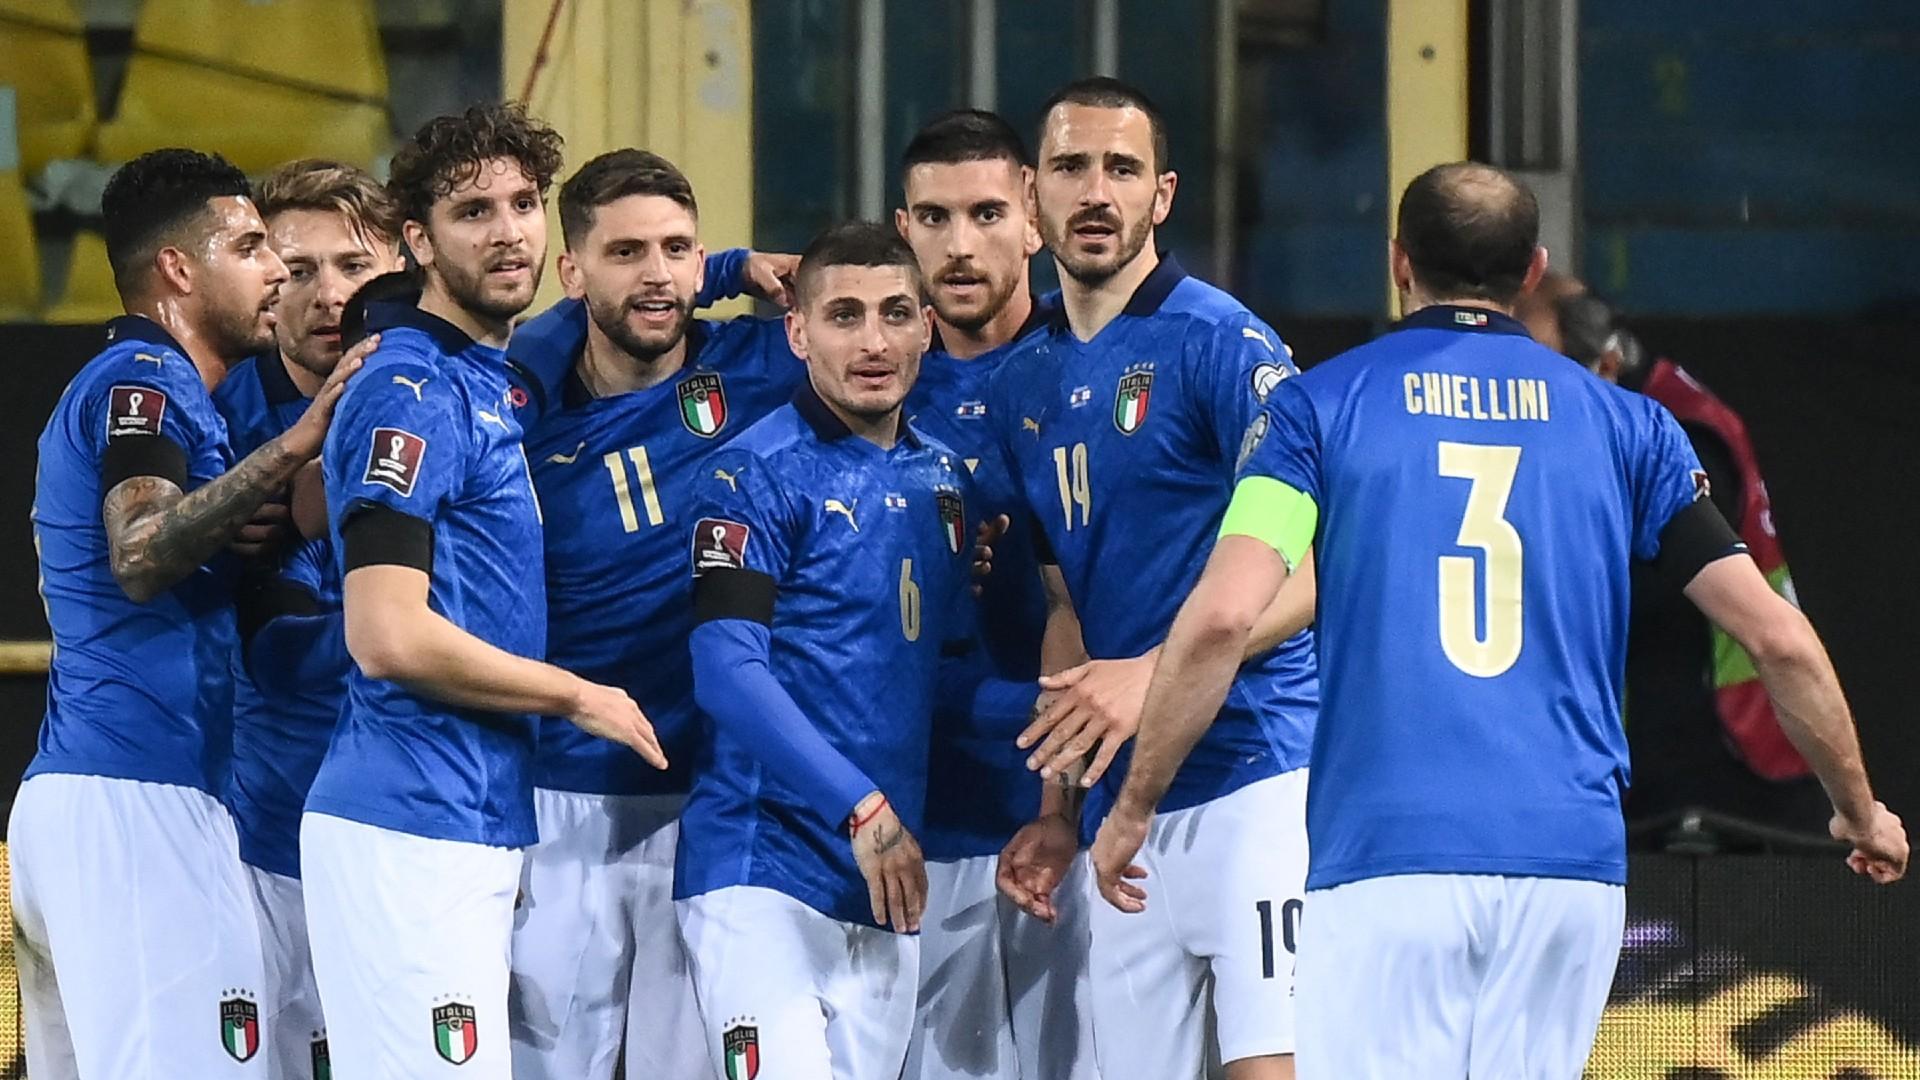 DIRETTA - I convocati dell'Italia per Euro 2020: la Notte Azzurra ...